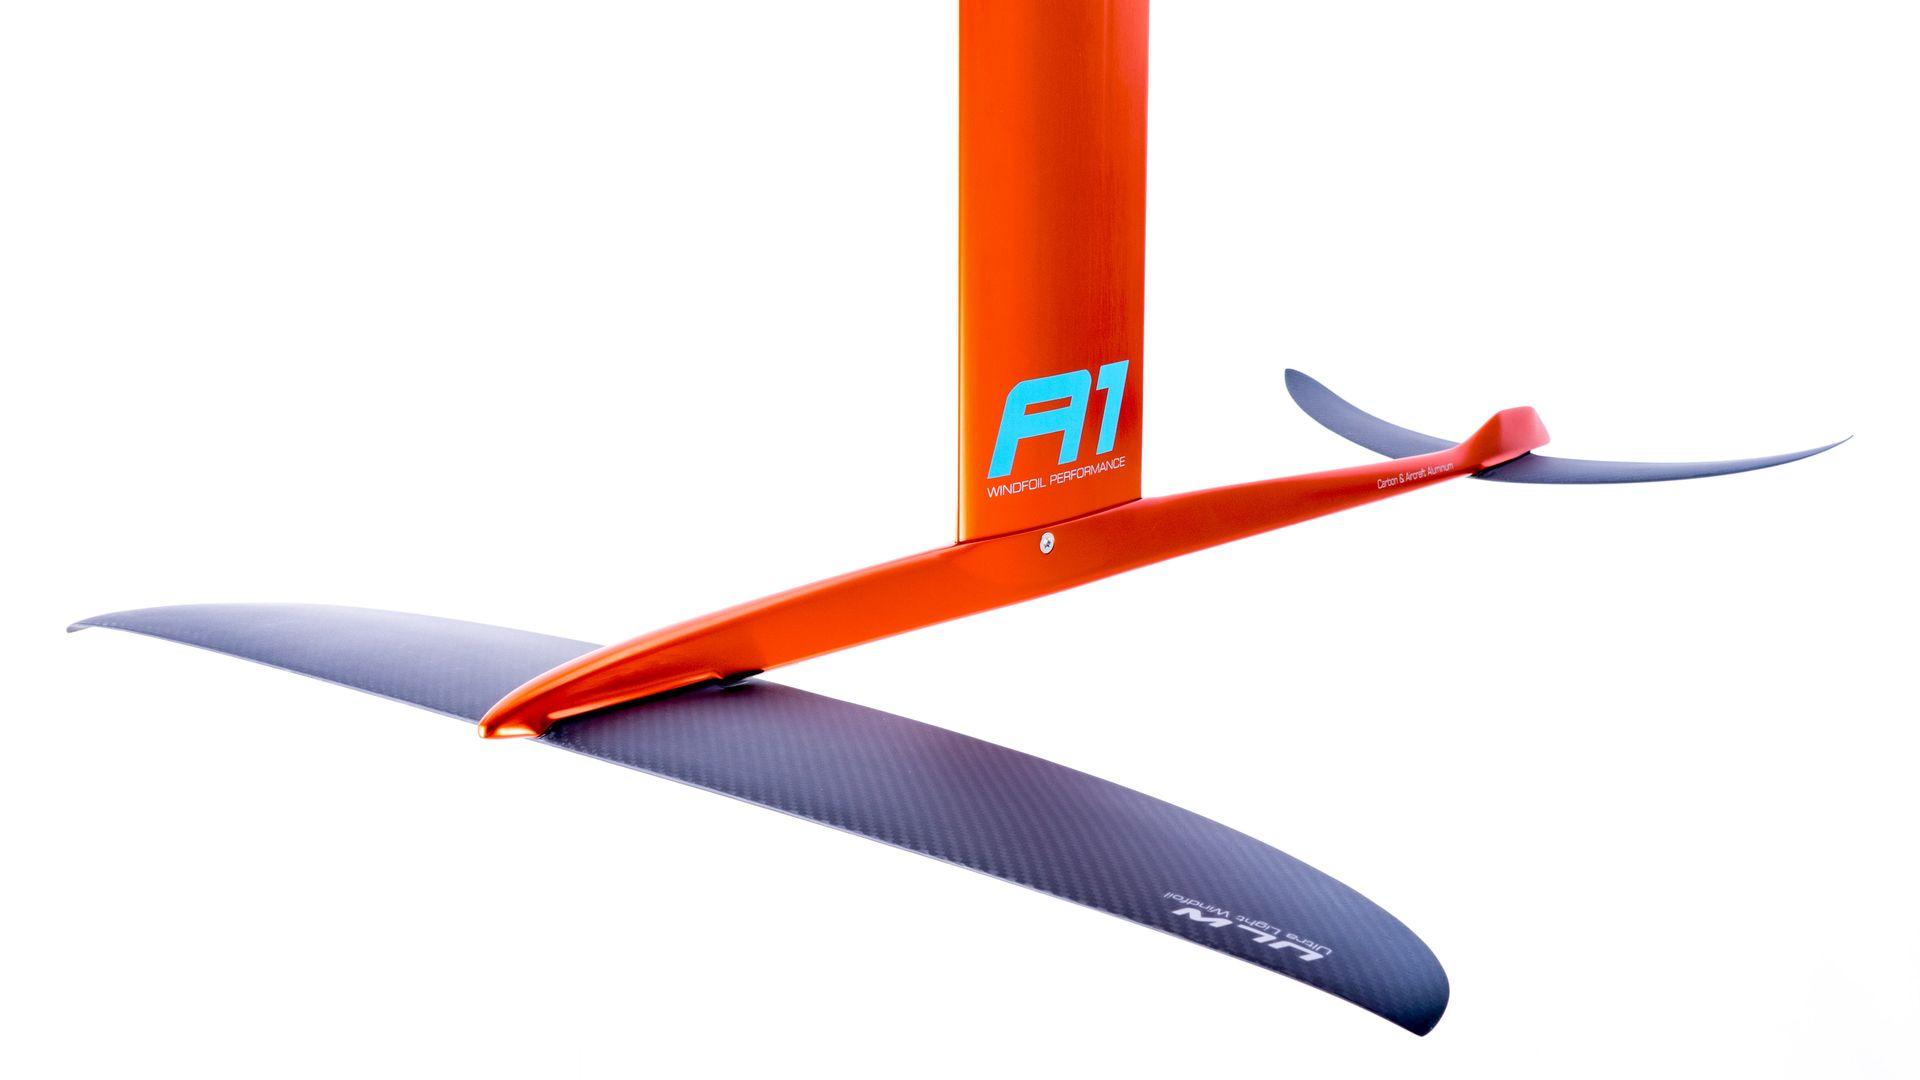 Windfoil alpinefoil a1 0450117 1920 10